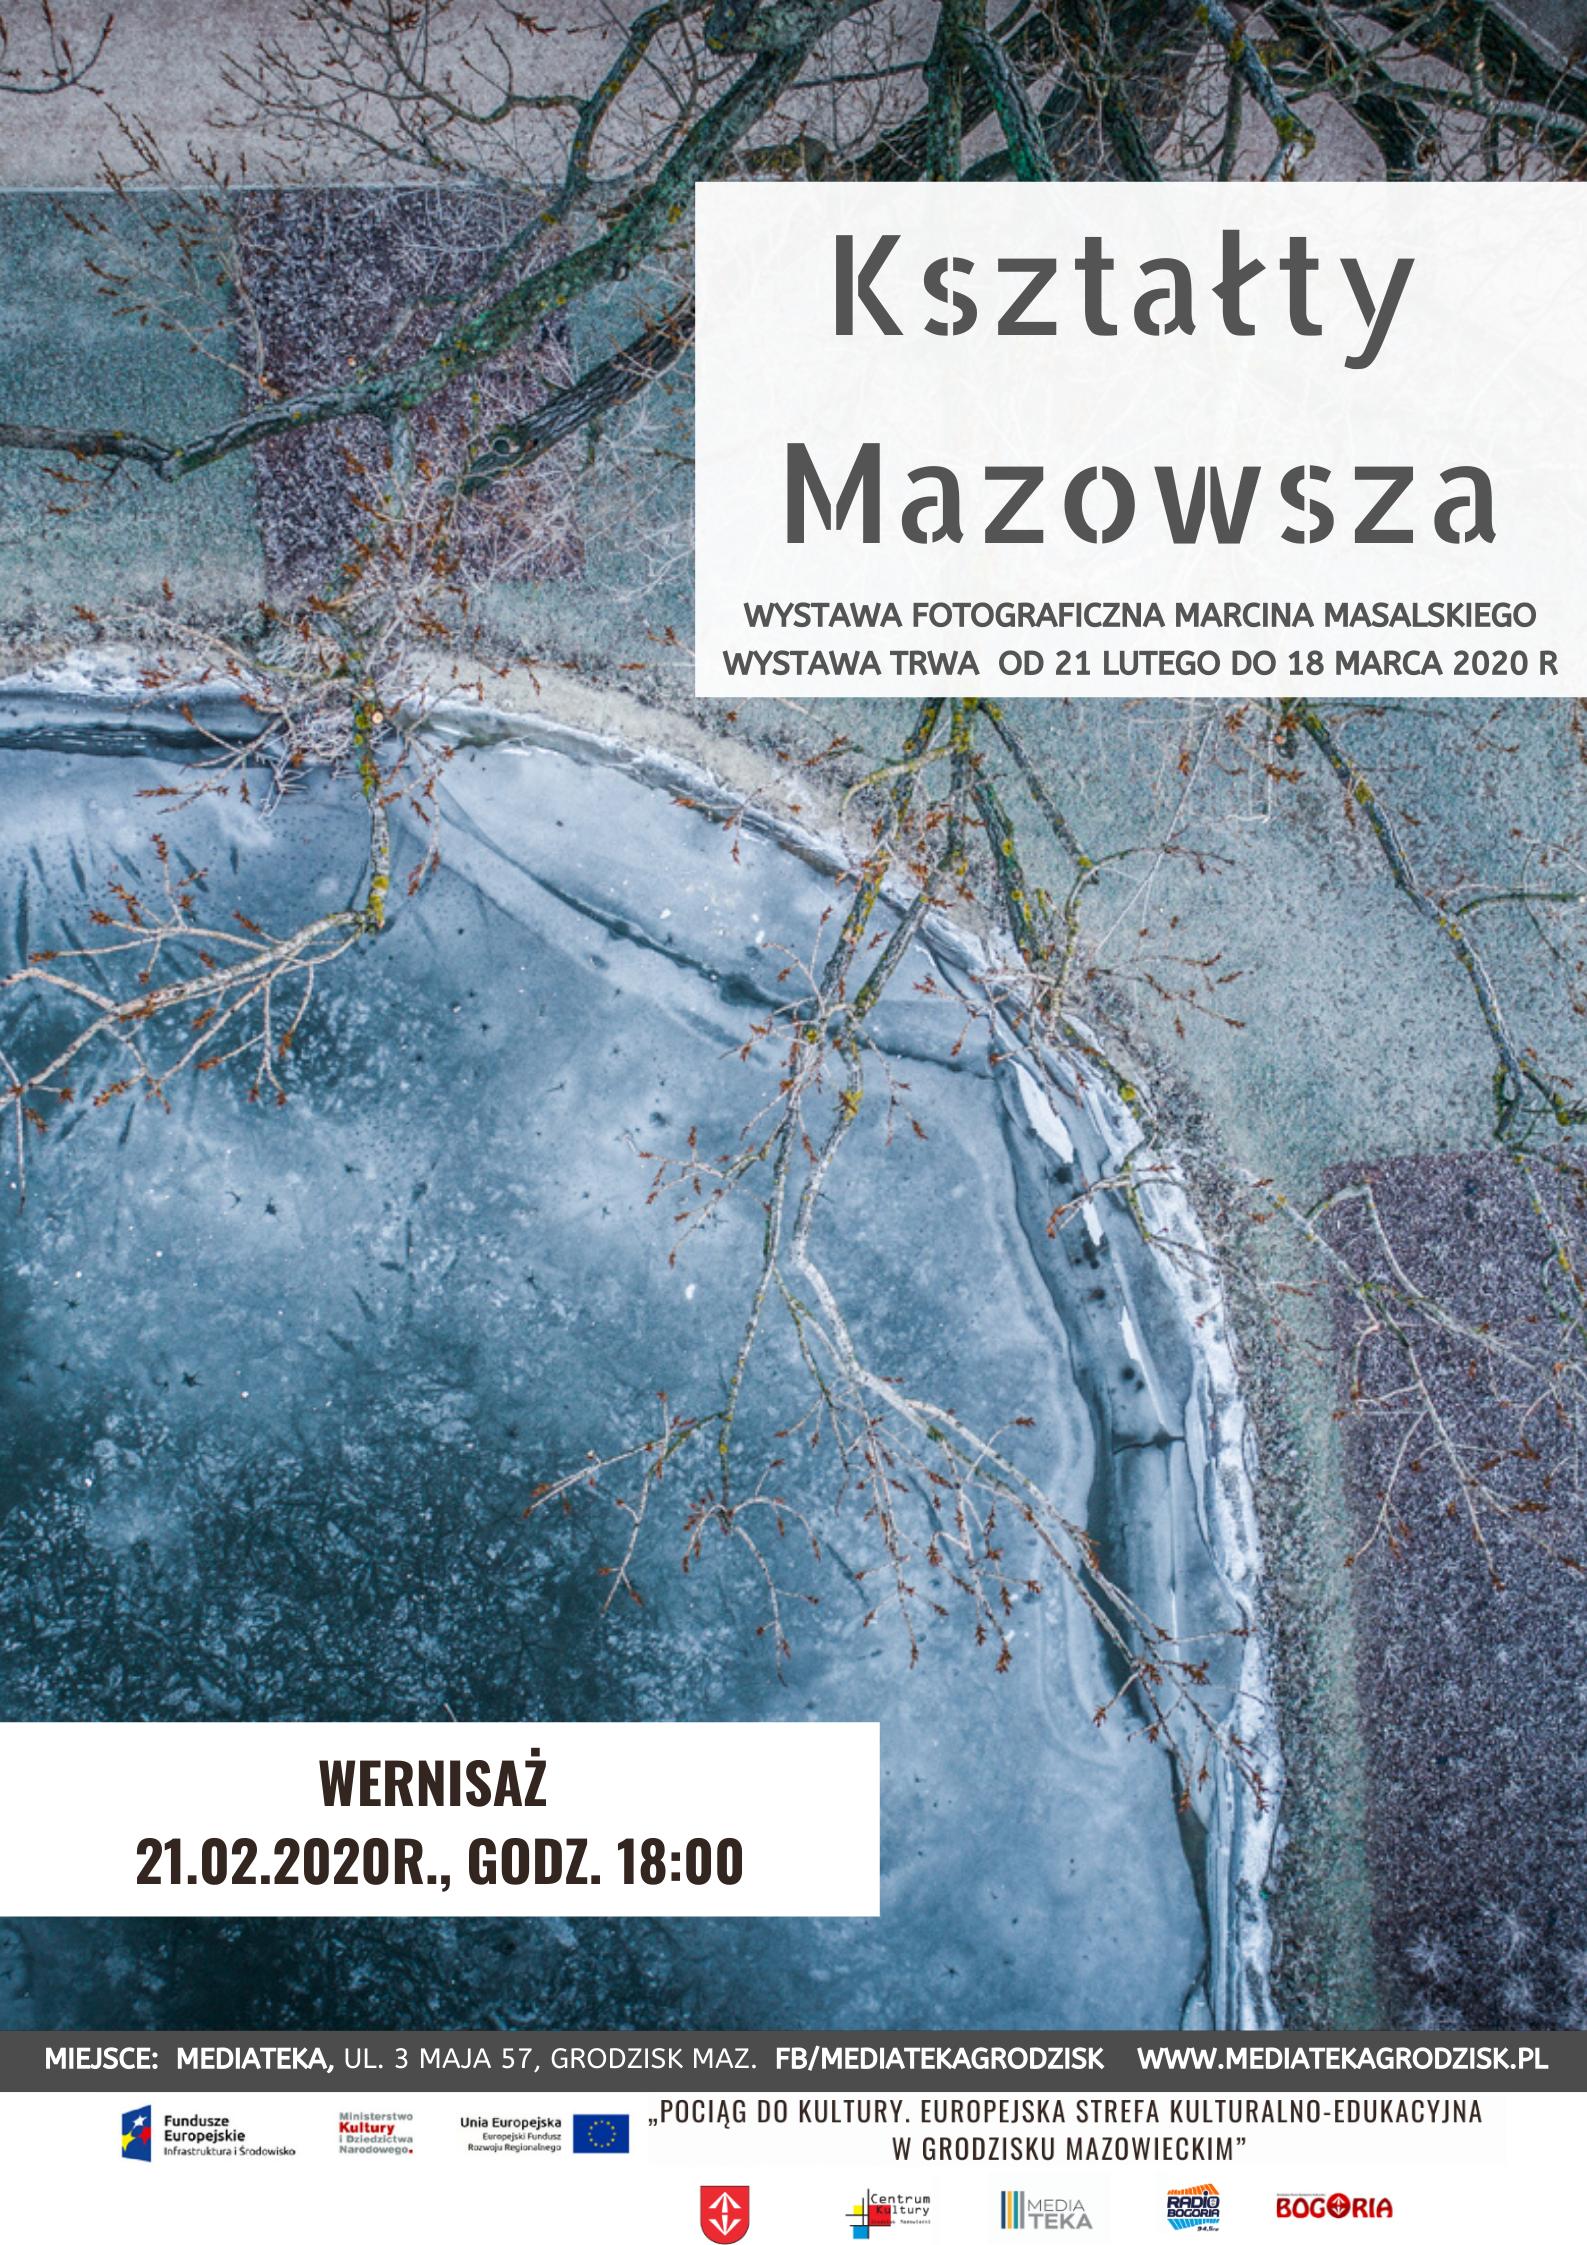 Plakat informujący o wystawie